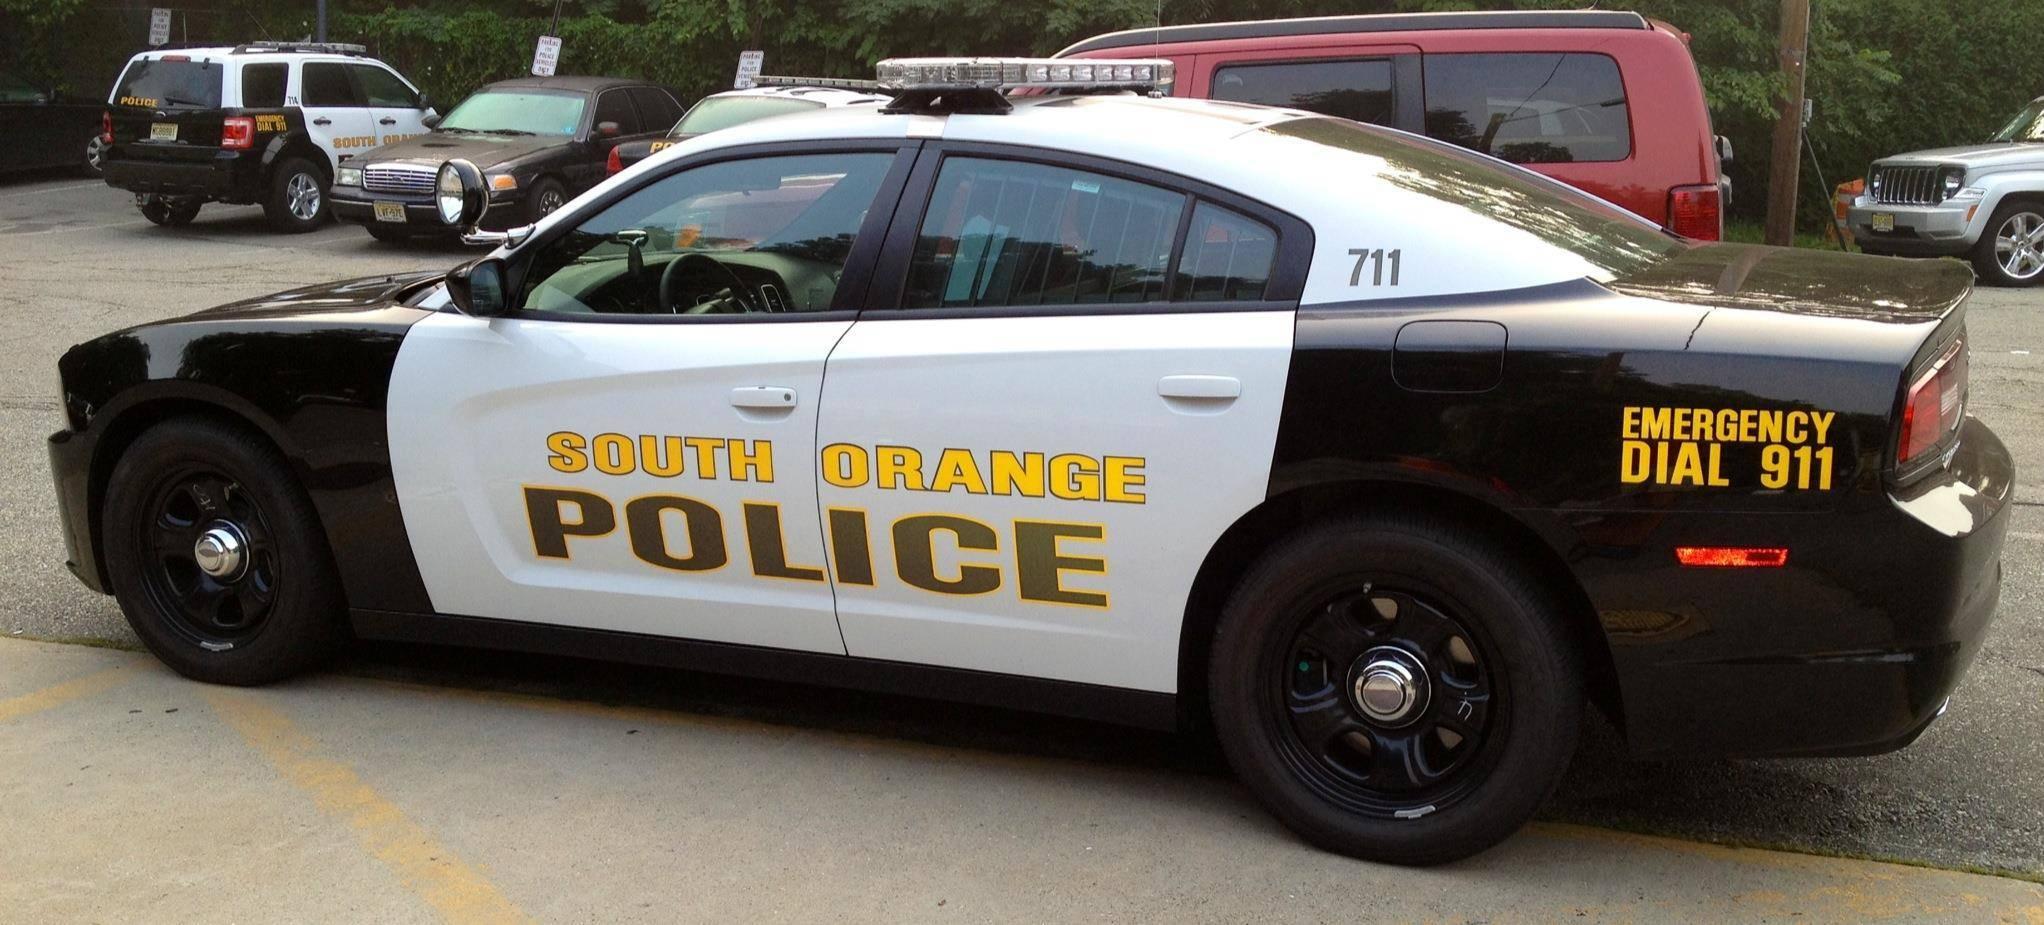 2256069e0d7f4dc7bbc7_south_orange_police.jpg